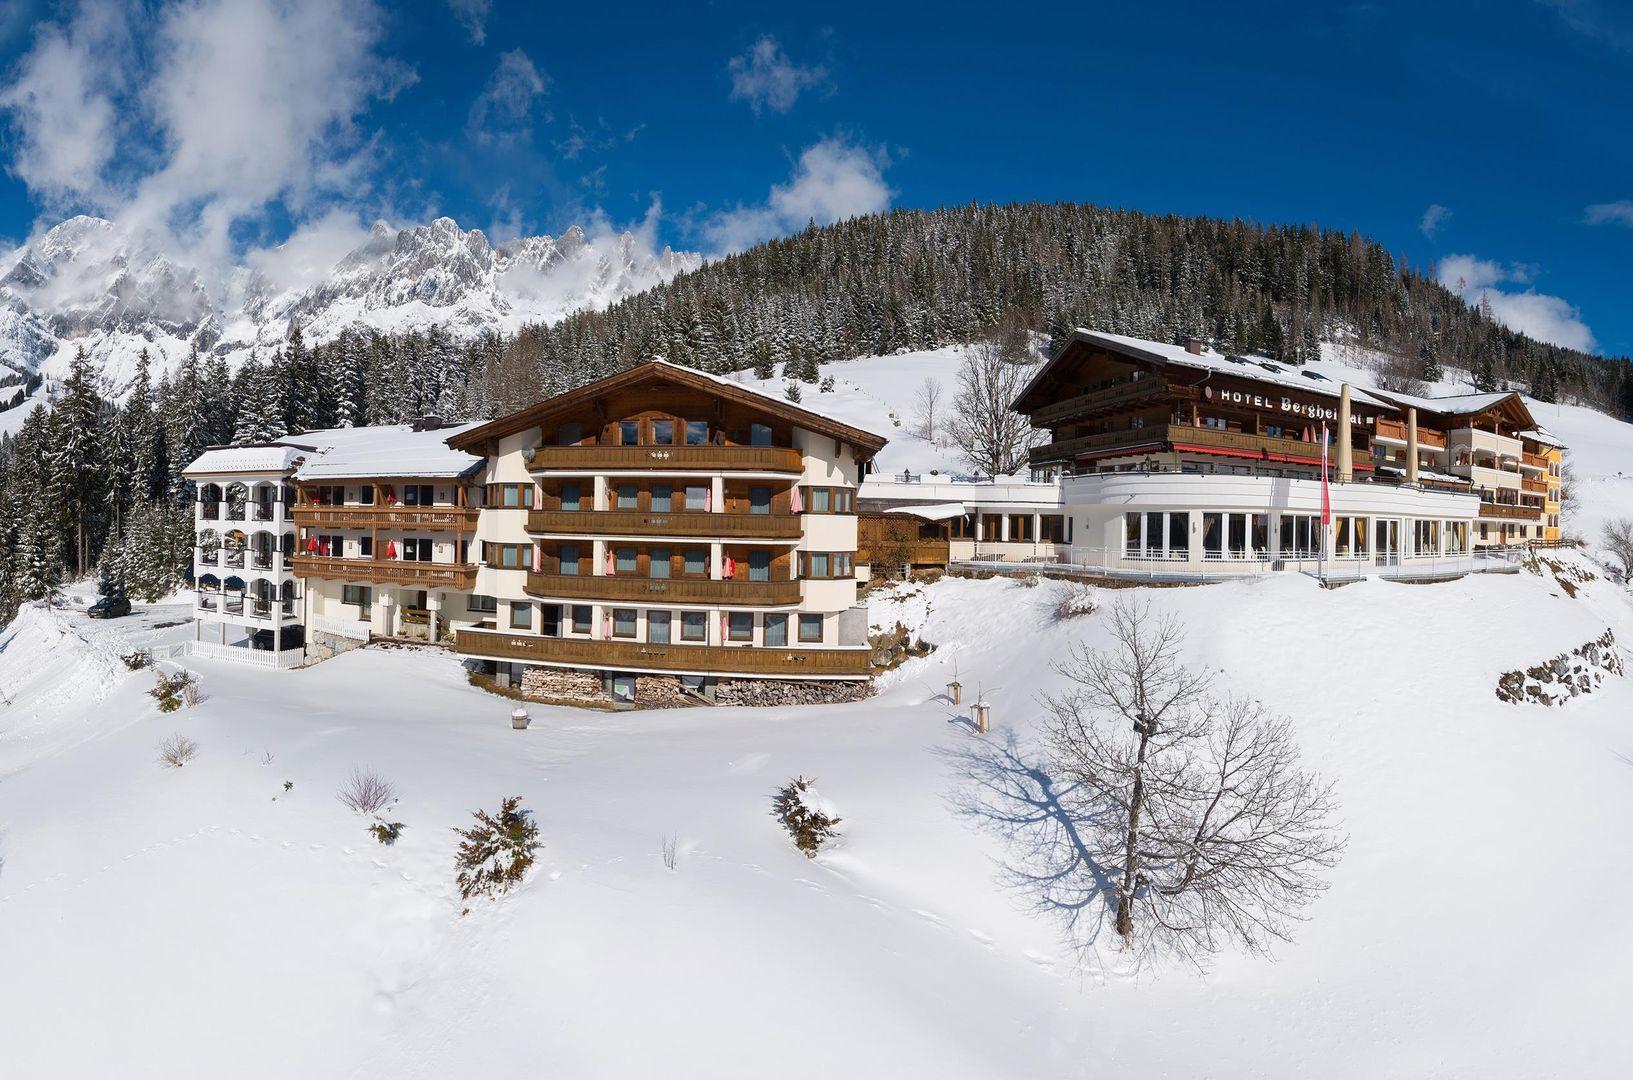 Meer info over Hotel Bergheimat  bij Wintertrex